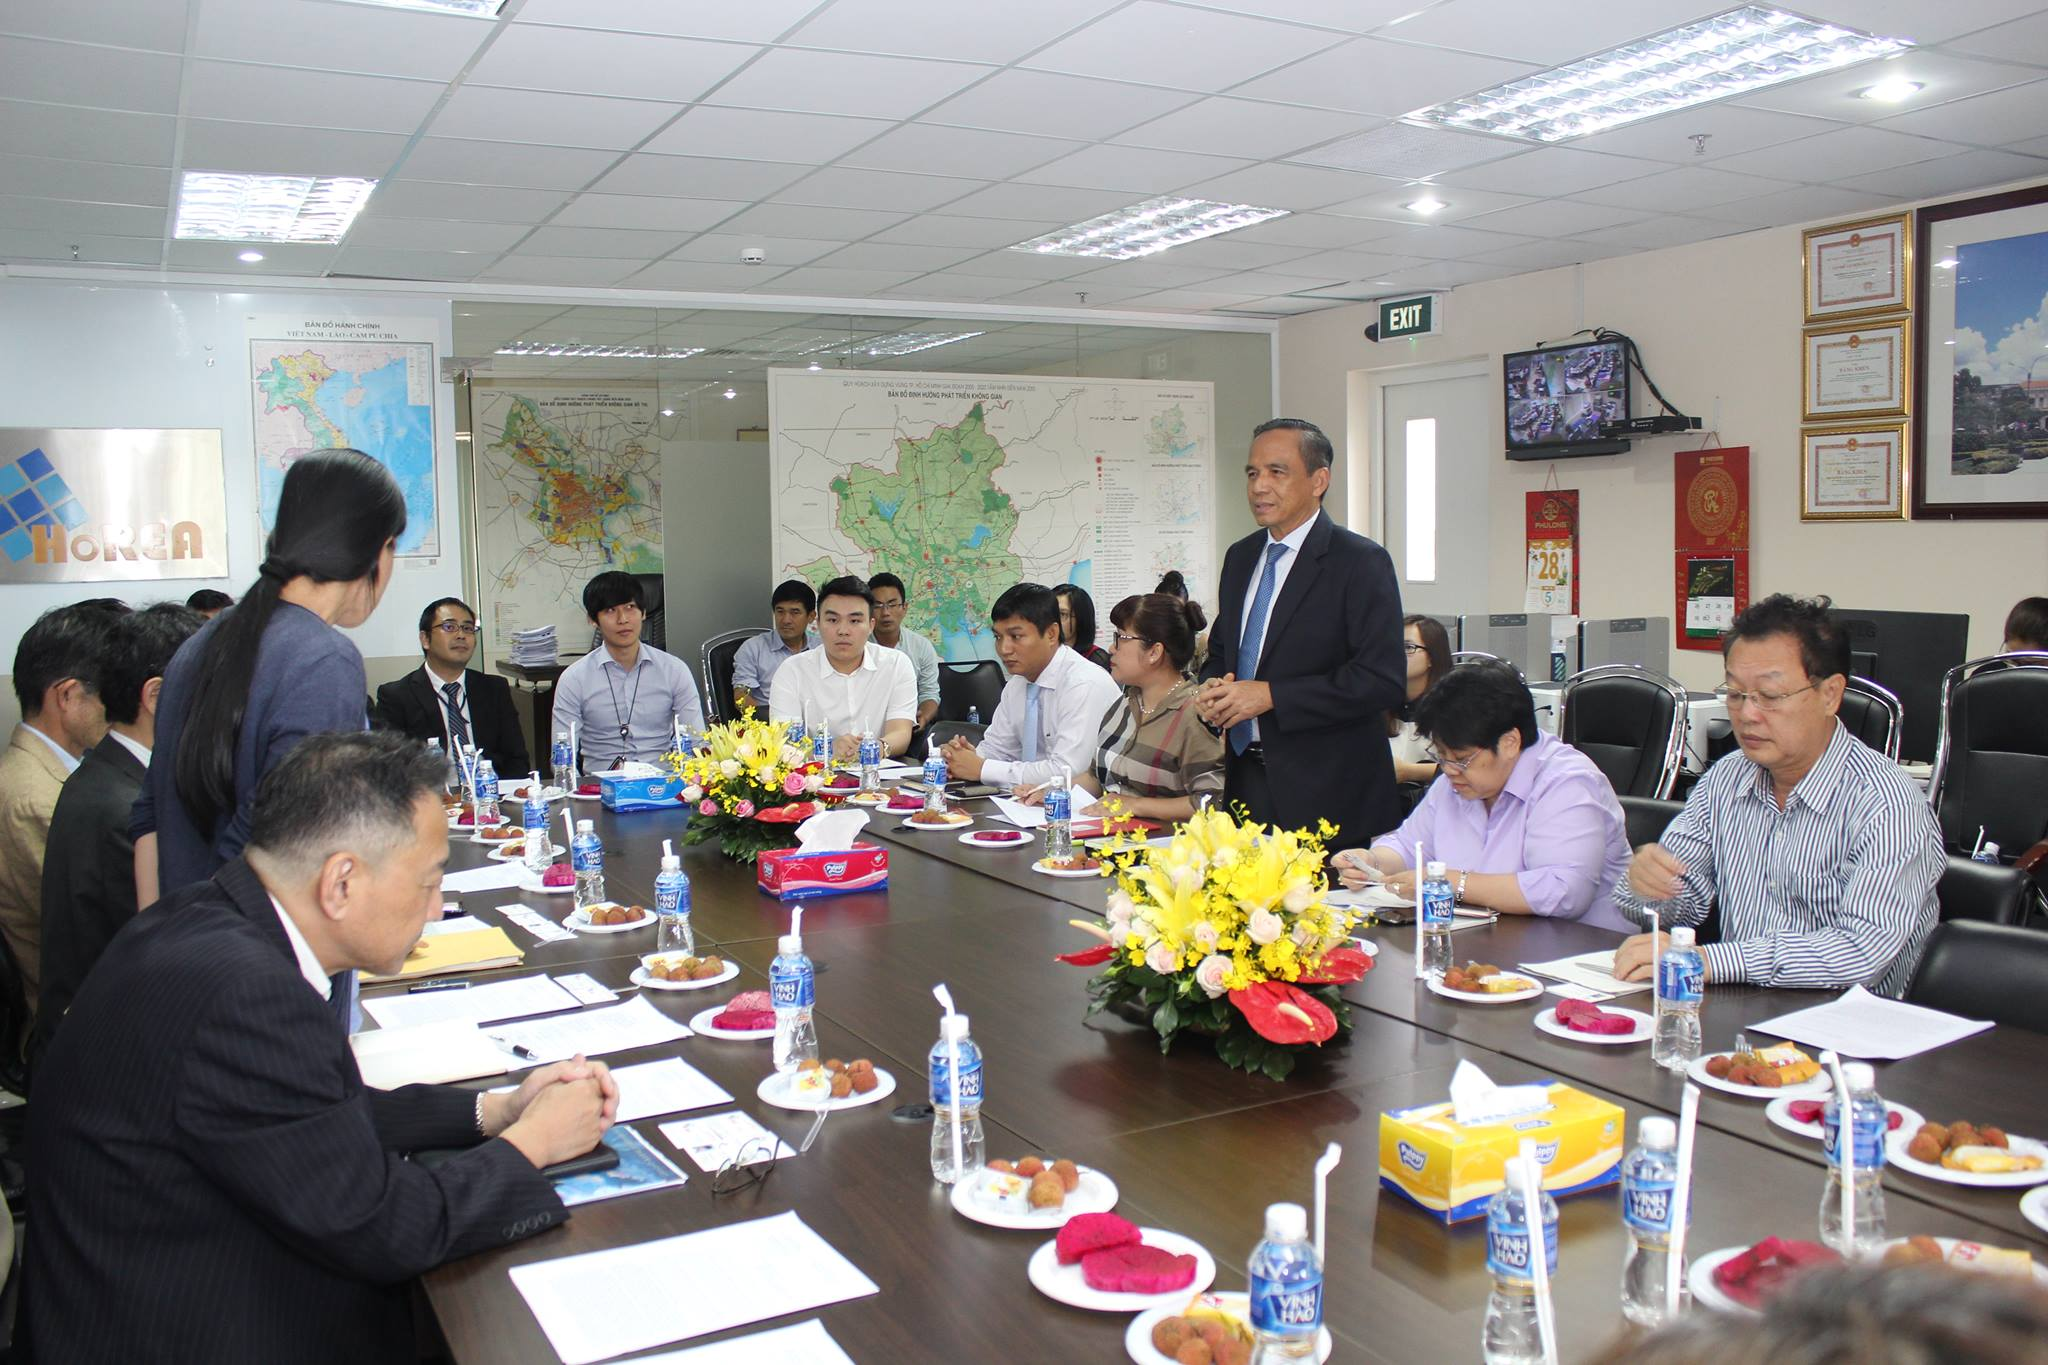 Ban lãnh đạo HoREA làm việc với Tổng Cục Đất đai và Cơ quan Tái thiết Đô thị Nhật Bản, ngày 28 tháng 6 năm 2017